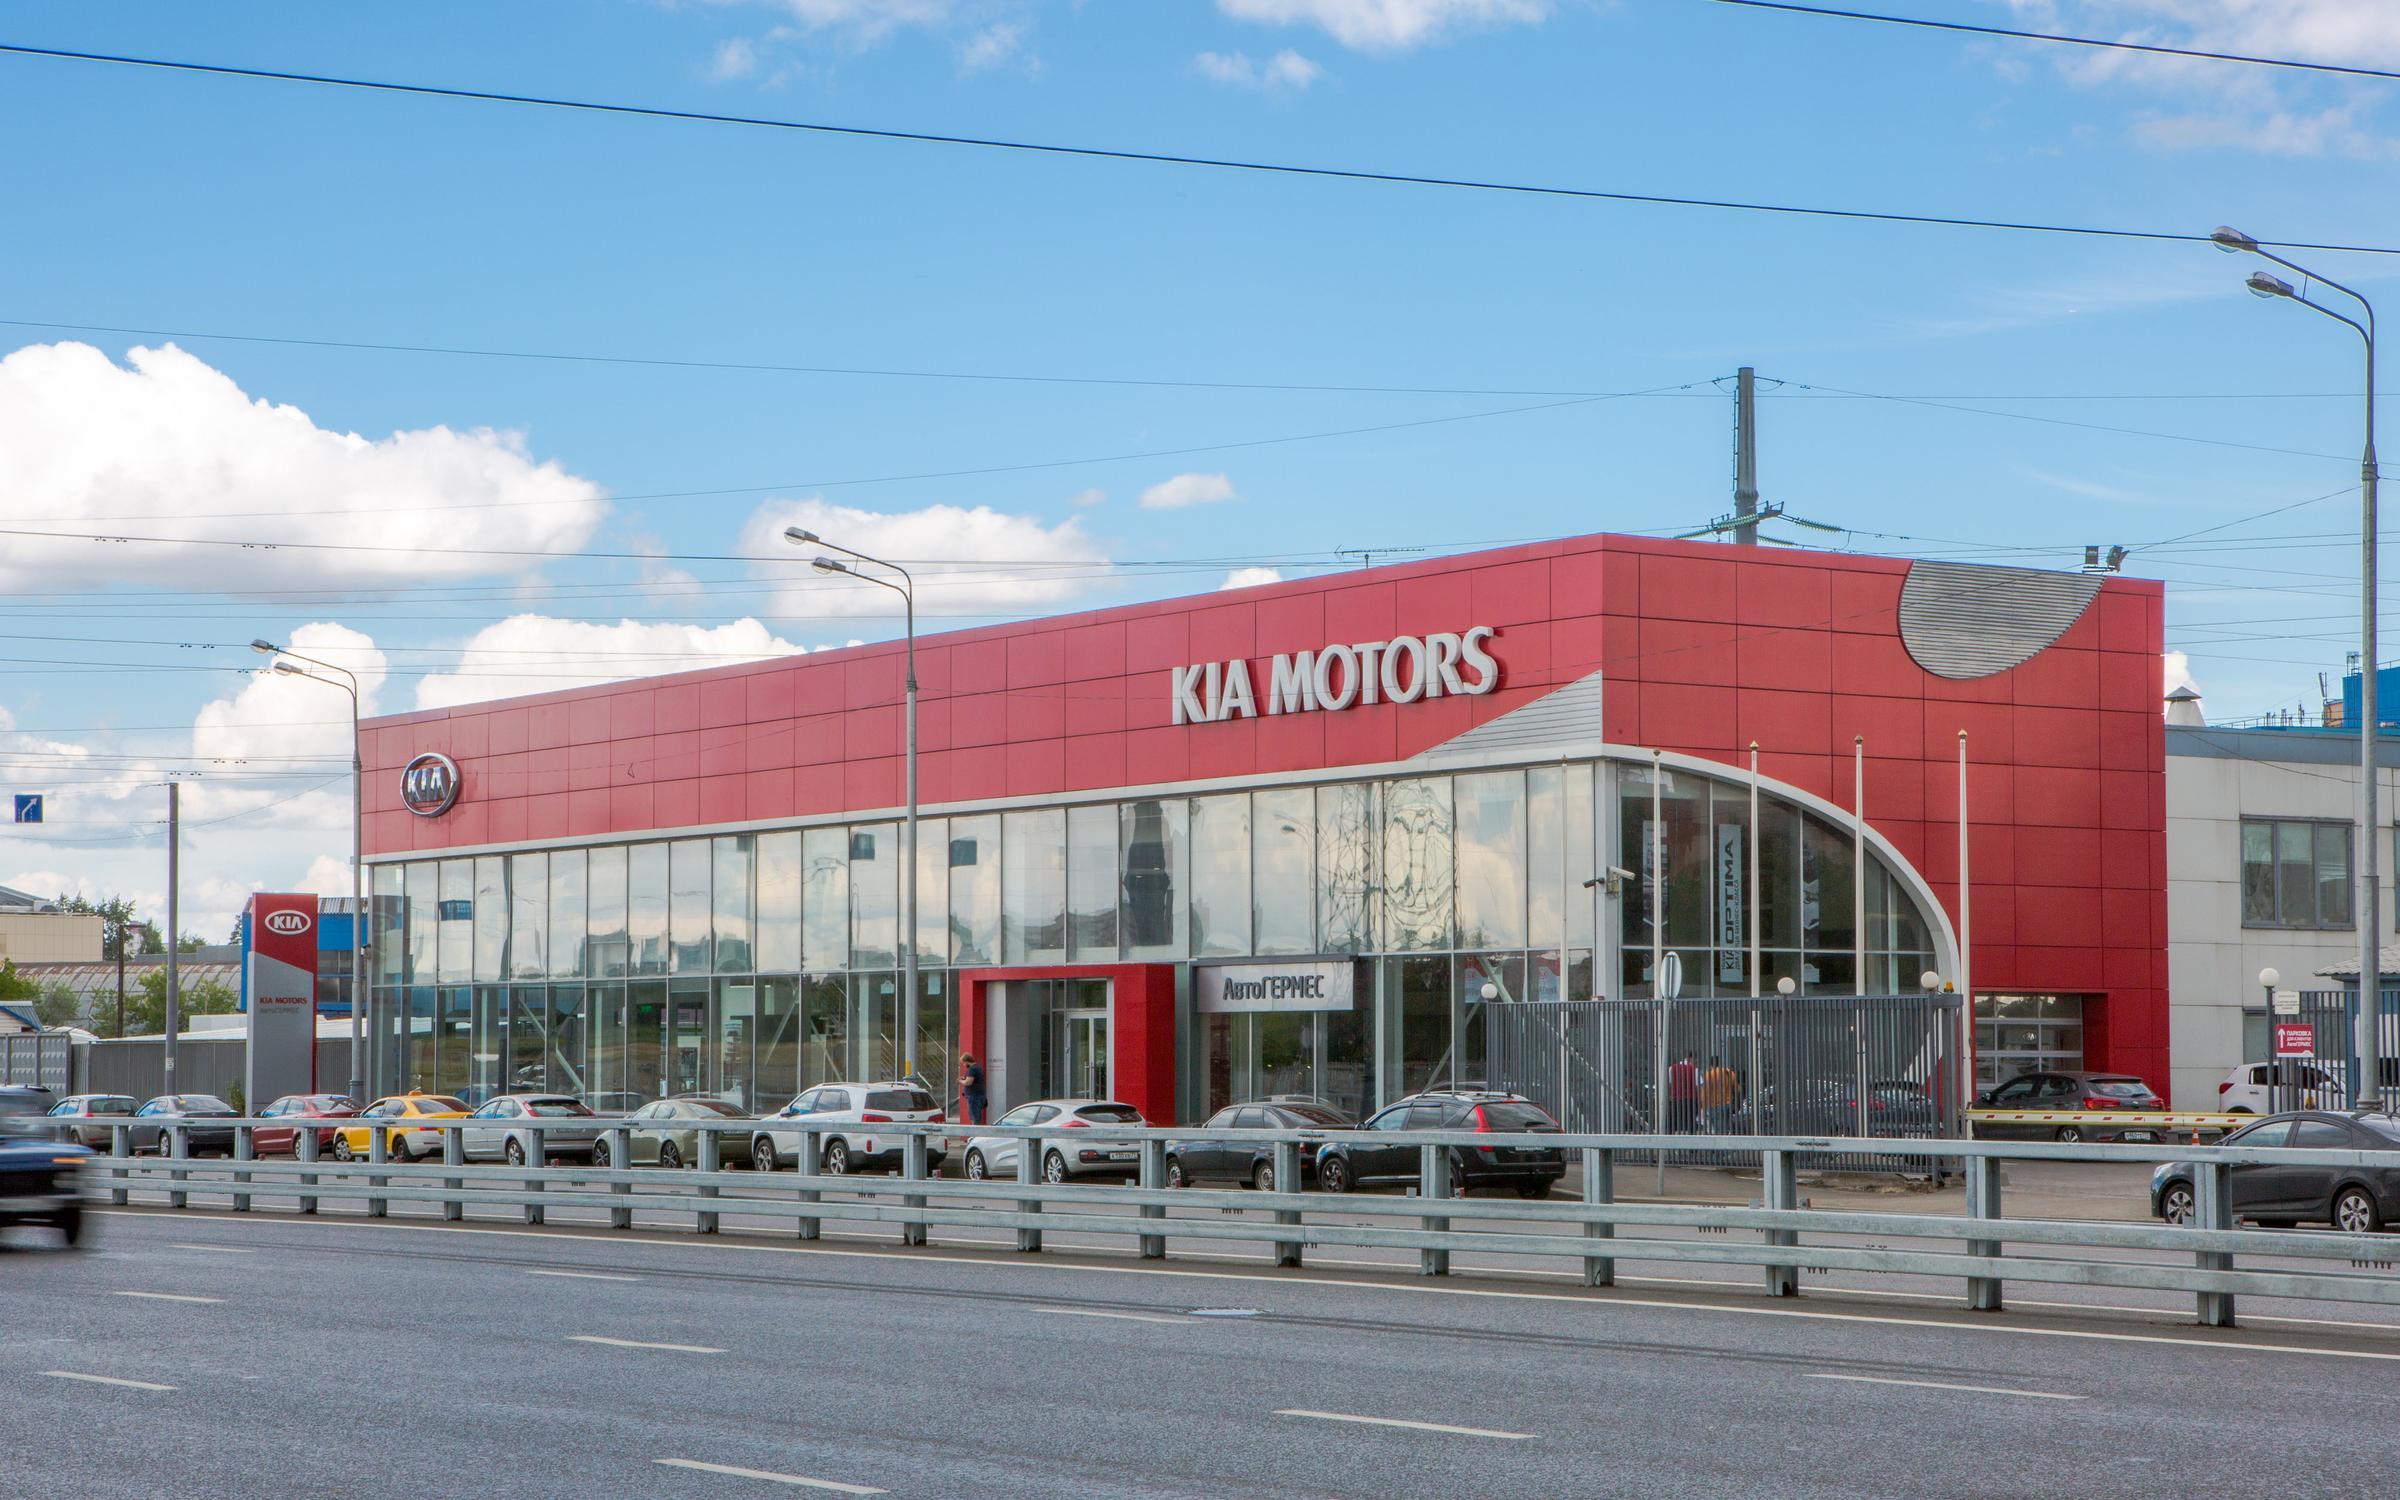 Москва рябиновая автосалон меховые ломбарды в москве в свао